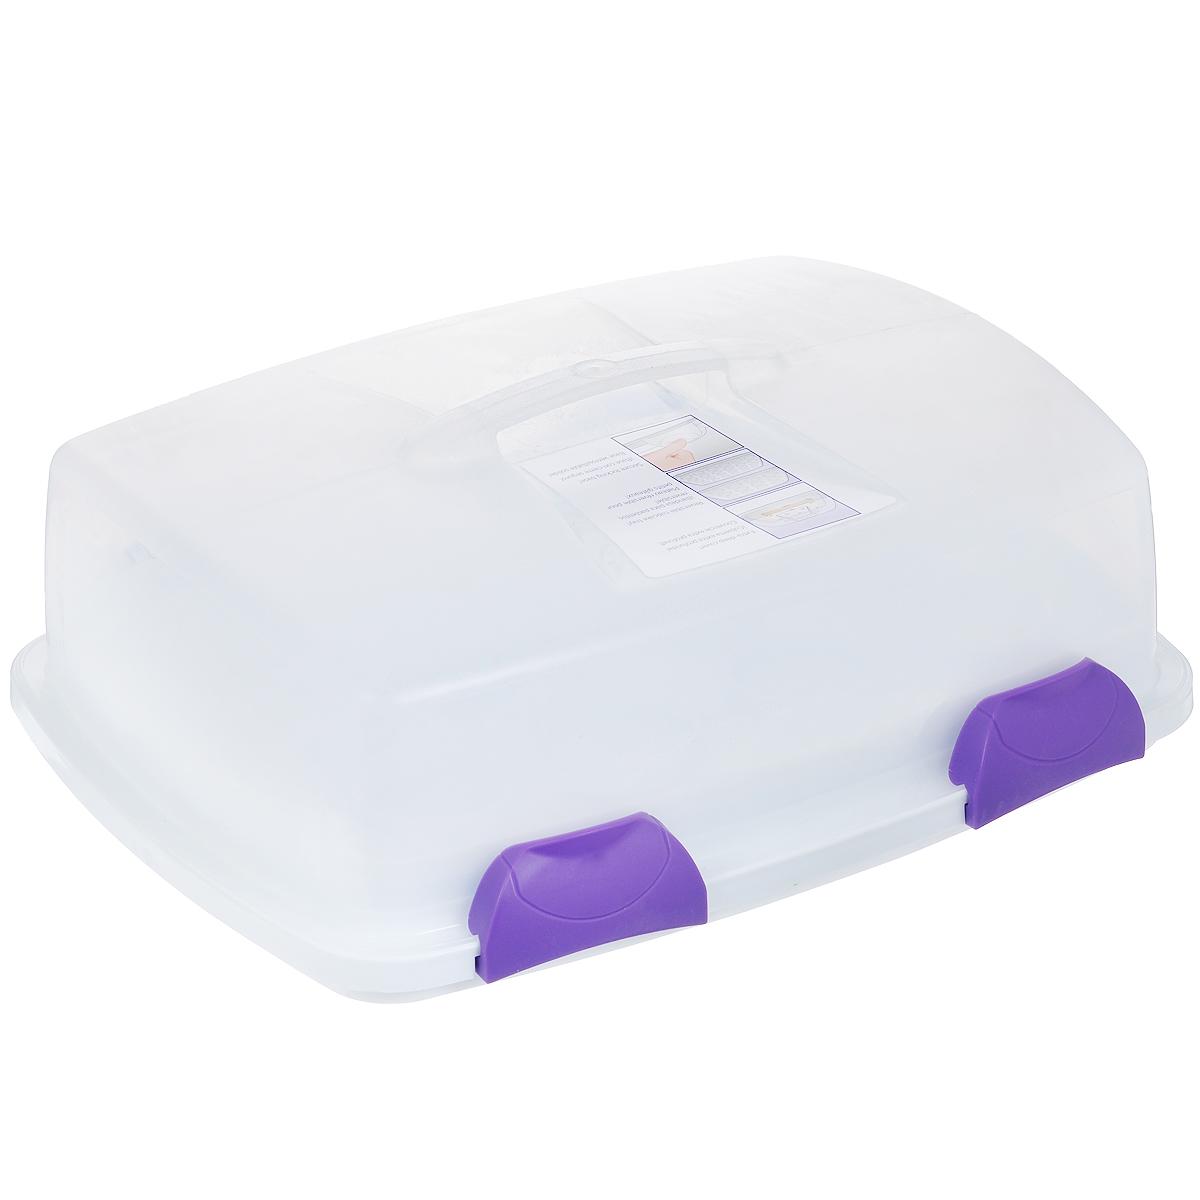 Переноска 3 в 1 Wilton, прямоугольная, 45,5 см х 36,5 см х 17 смWLT-2105-9958Переноска 3 в 1 Wilton выполнена из высококачественного пищевого пластика. Высокая пластиковая прозрачная крышка контейнера имеет 4 защелки с блокировкой, которые удерживают основание надежно вместе. Удобная ручка обеспечивает необходимый захват для безопасного путешествия от вашего автомобиля на вечеринку. Переноска имеет двусторонний лоток, который вмещает 24 мини и 12 стандартных кексов. Также можно переносить торт размерами 23 см х 33 см. Прозрачная крышка имеет высокие стороны, так что ваши украшения на торте будут защищены. Перевозите торты и украшенные десерты с легкостью!